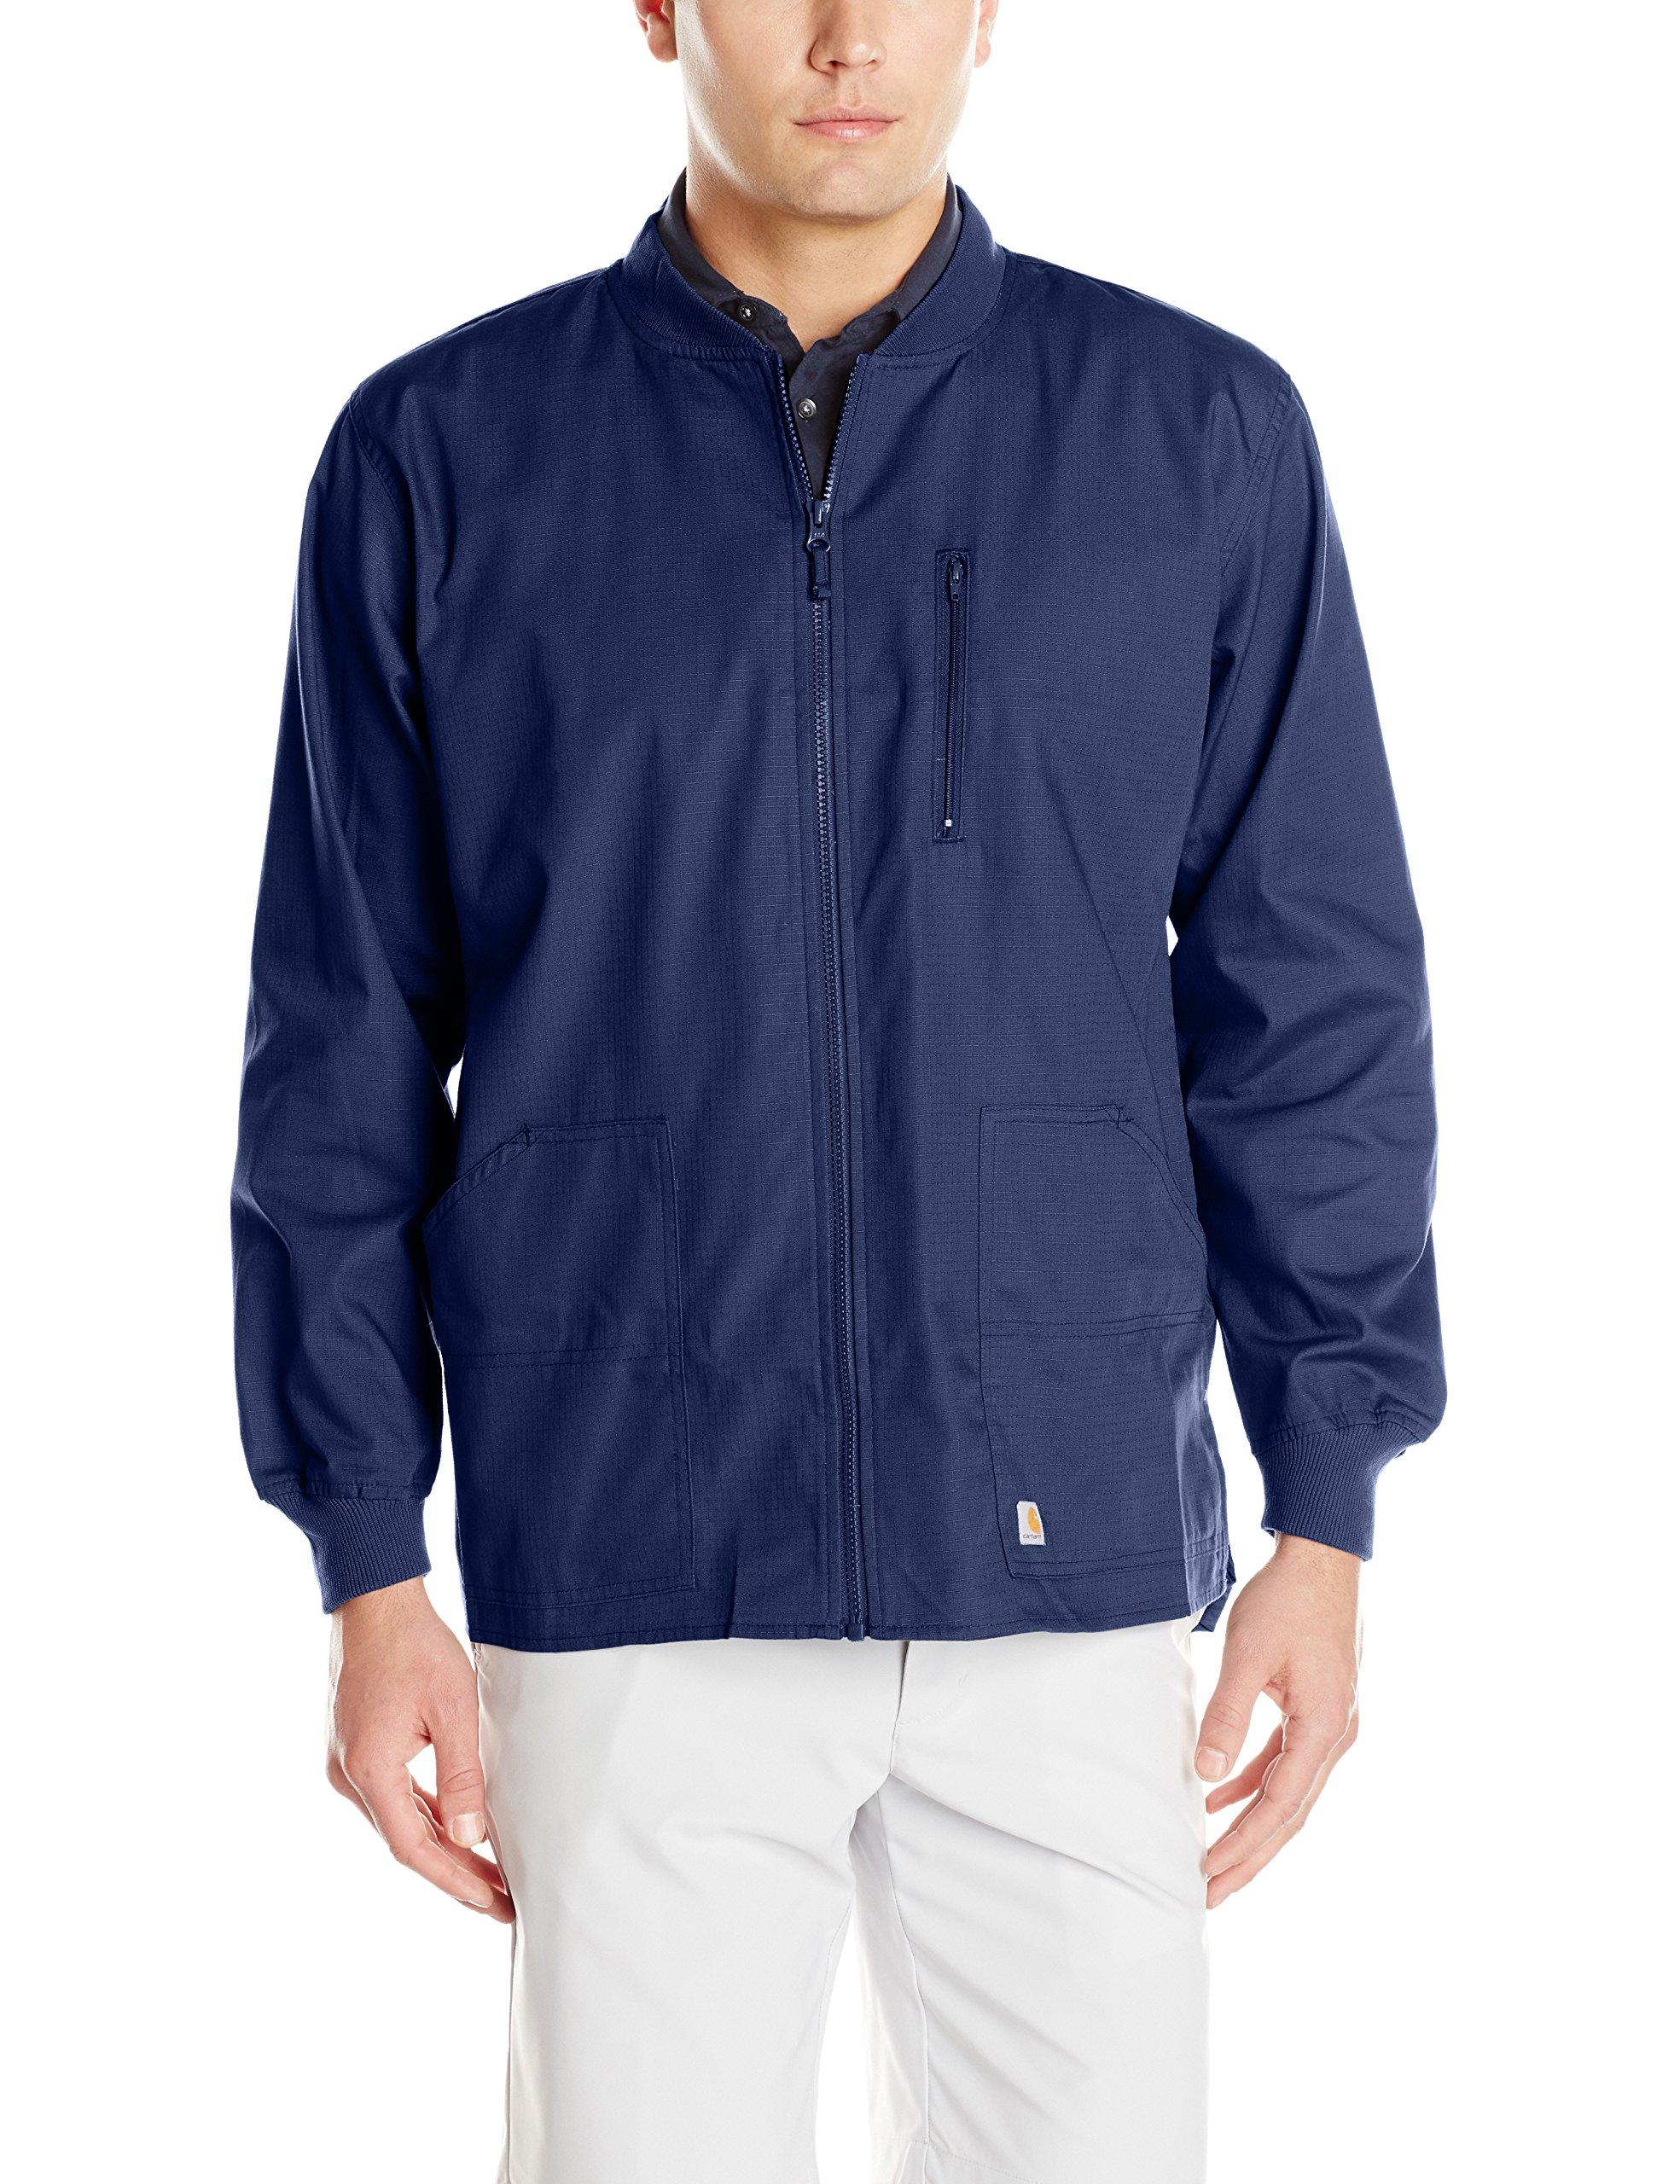 Carhartt Ripstop Men's Zip Front Scrub Jacket